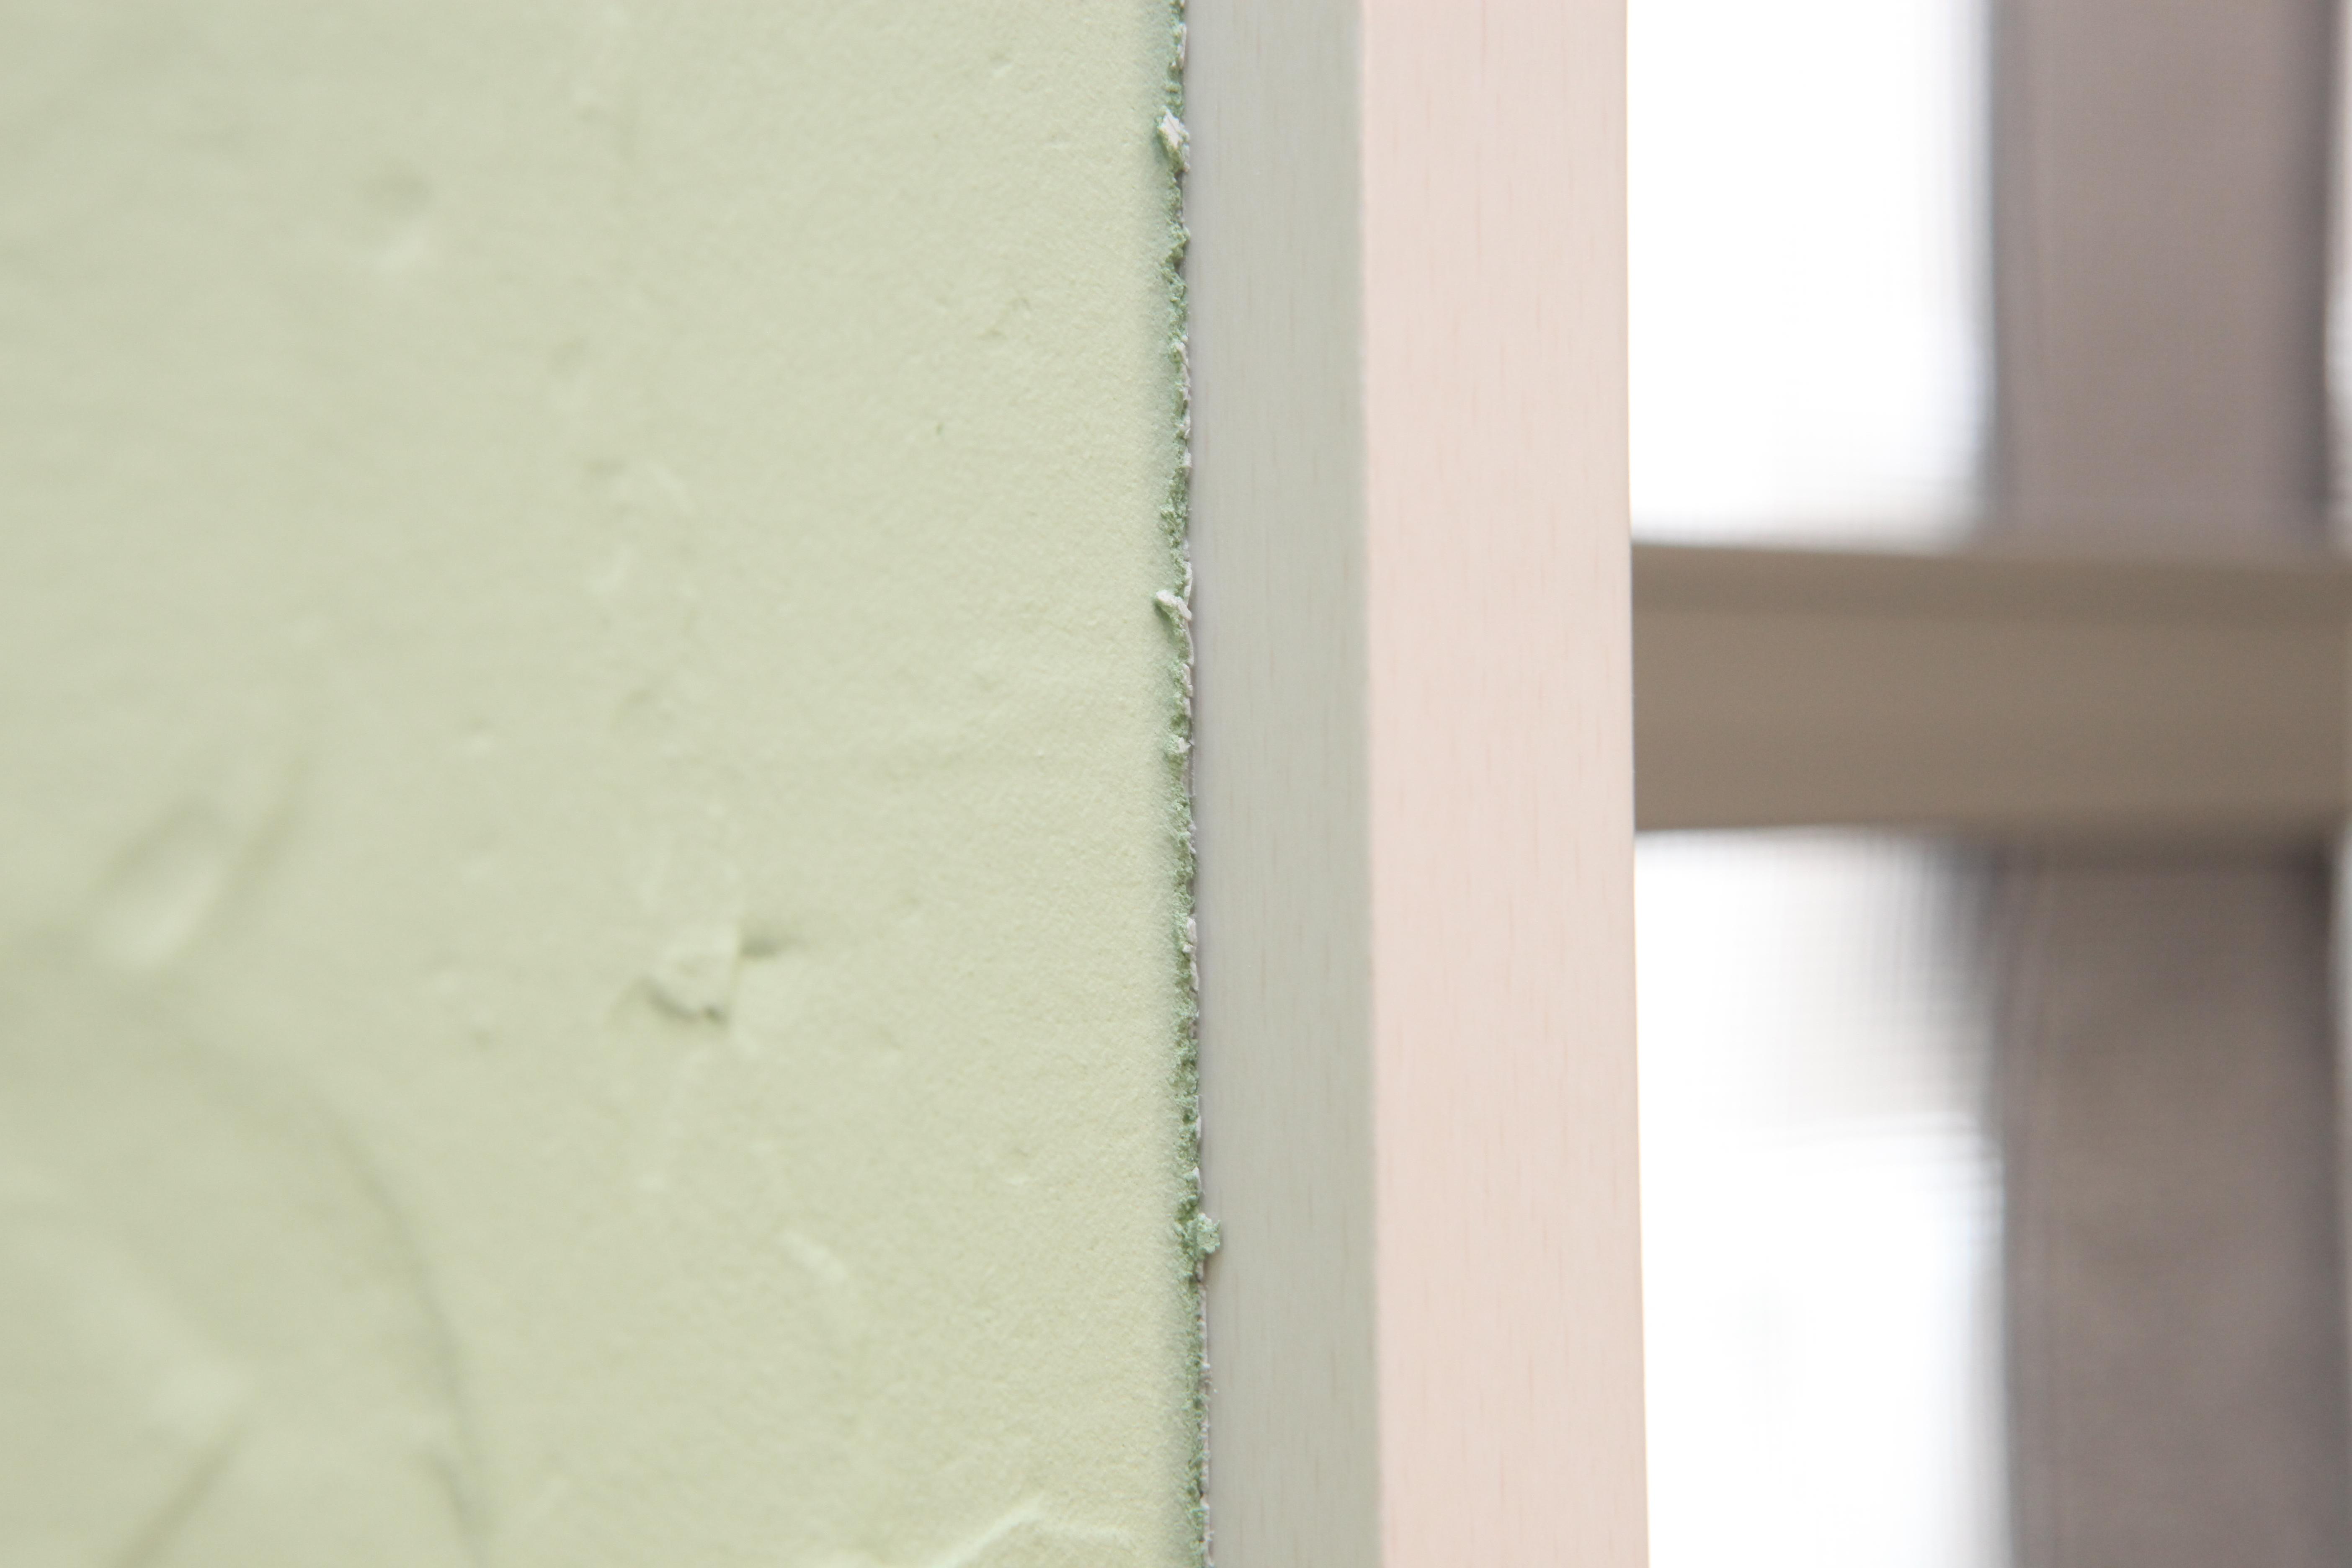 【キレイに完成】端まで漆喰をキレイに塗ることができるDIYの塗り方